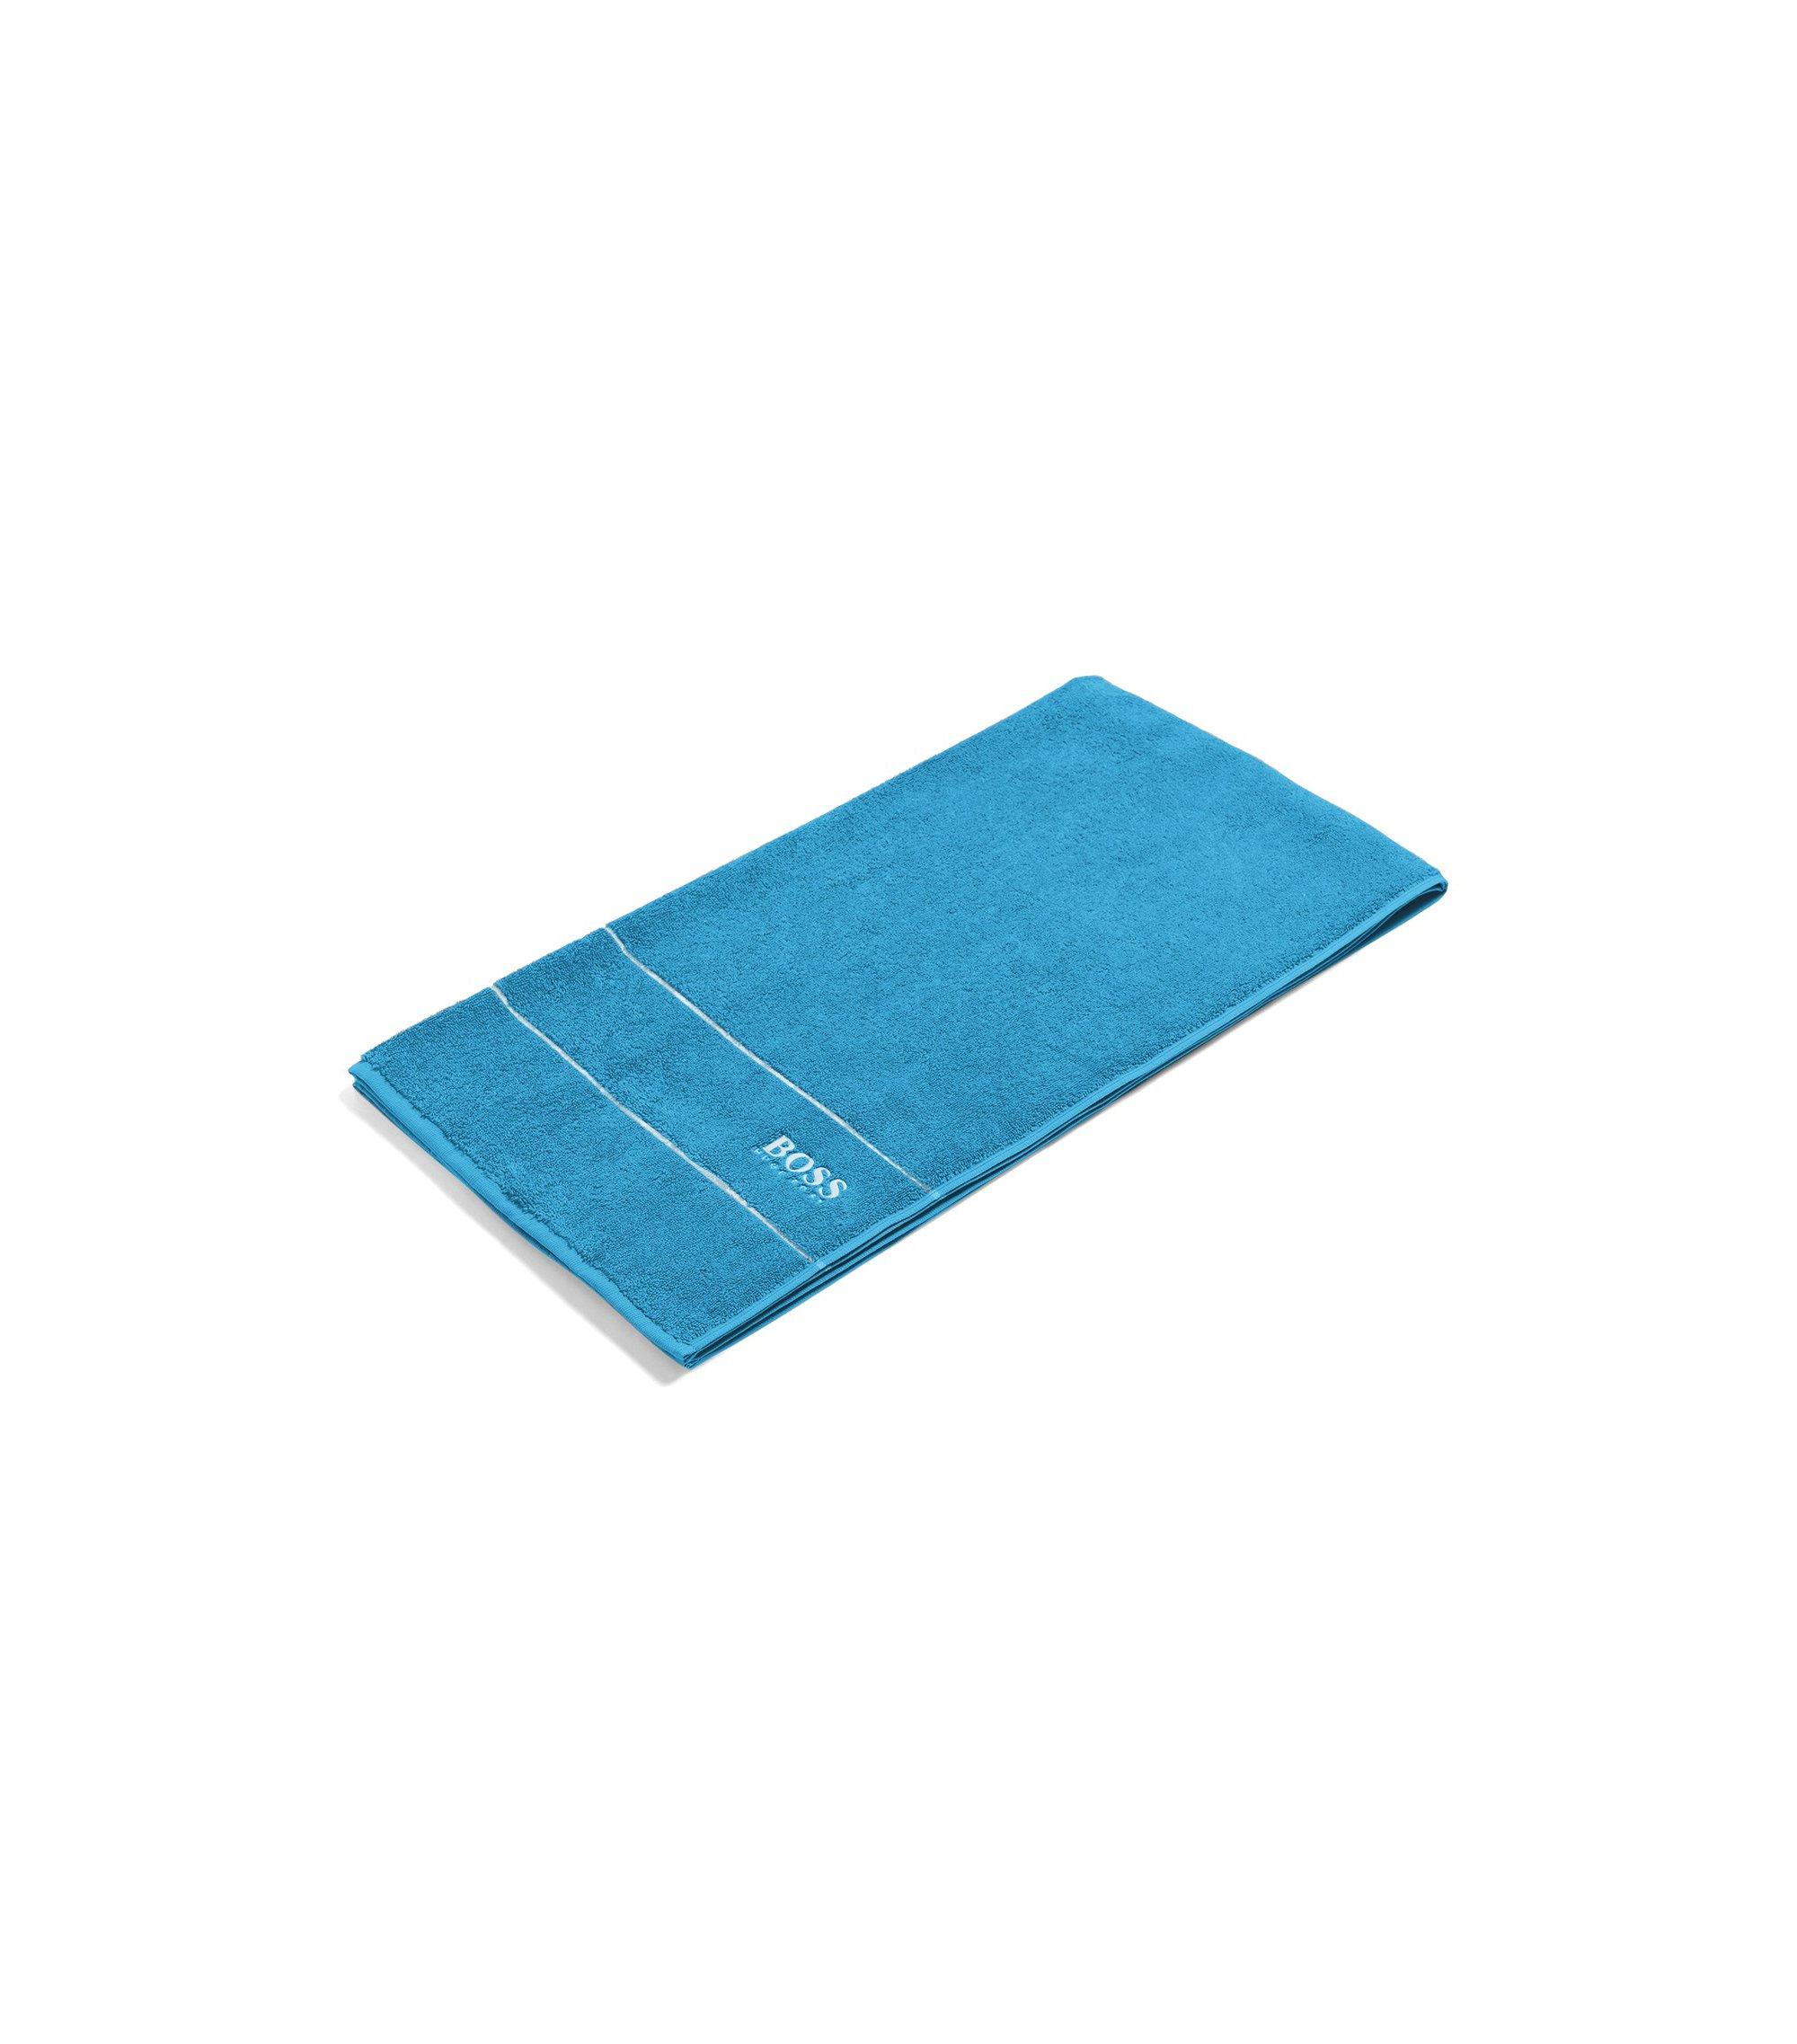 Toalla de baño en algodón egipcio de la máxima calidad con logo en el borde, Azul